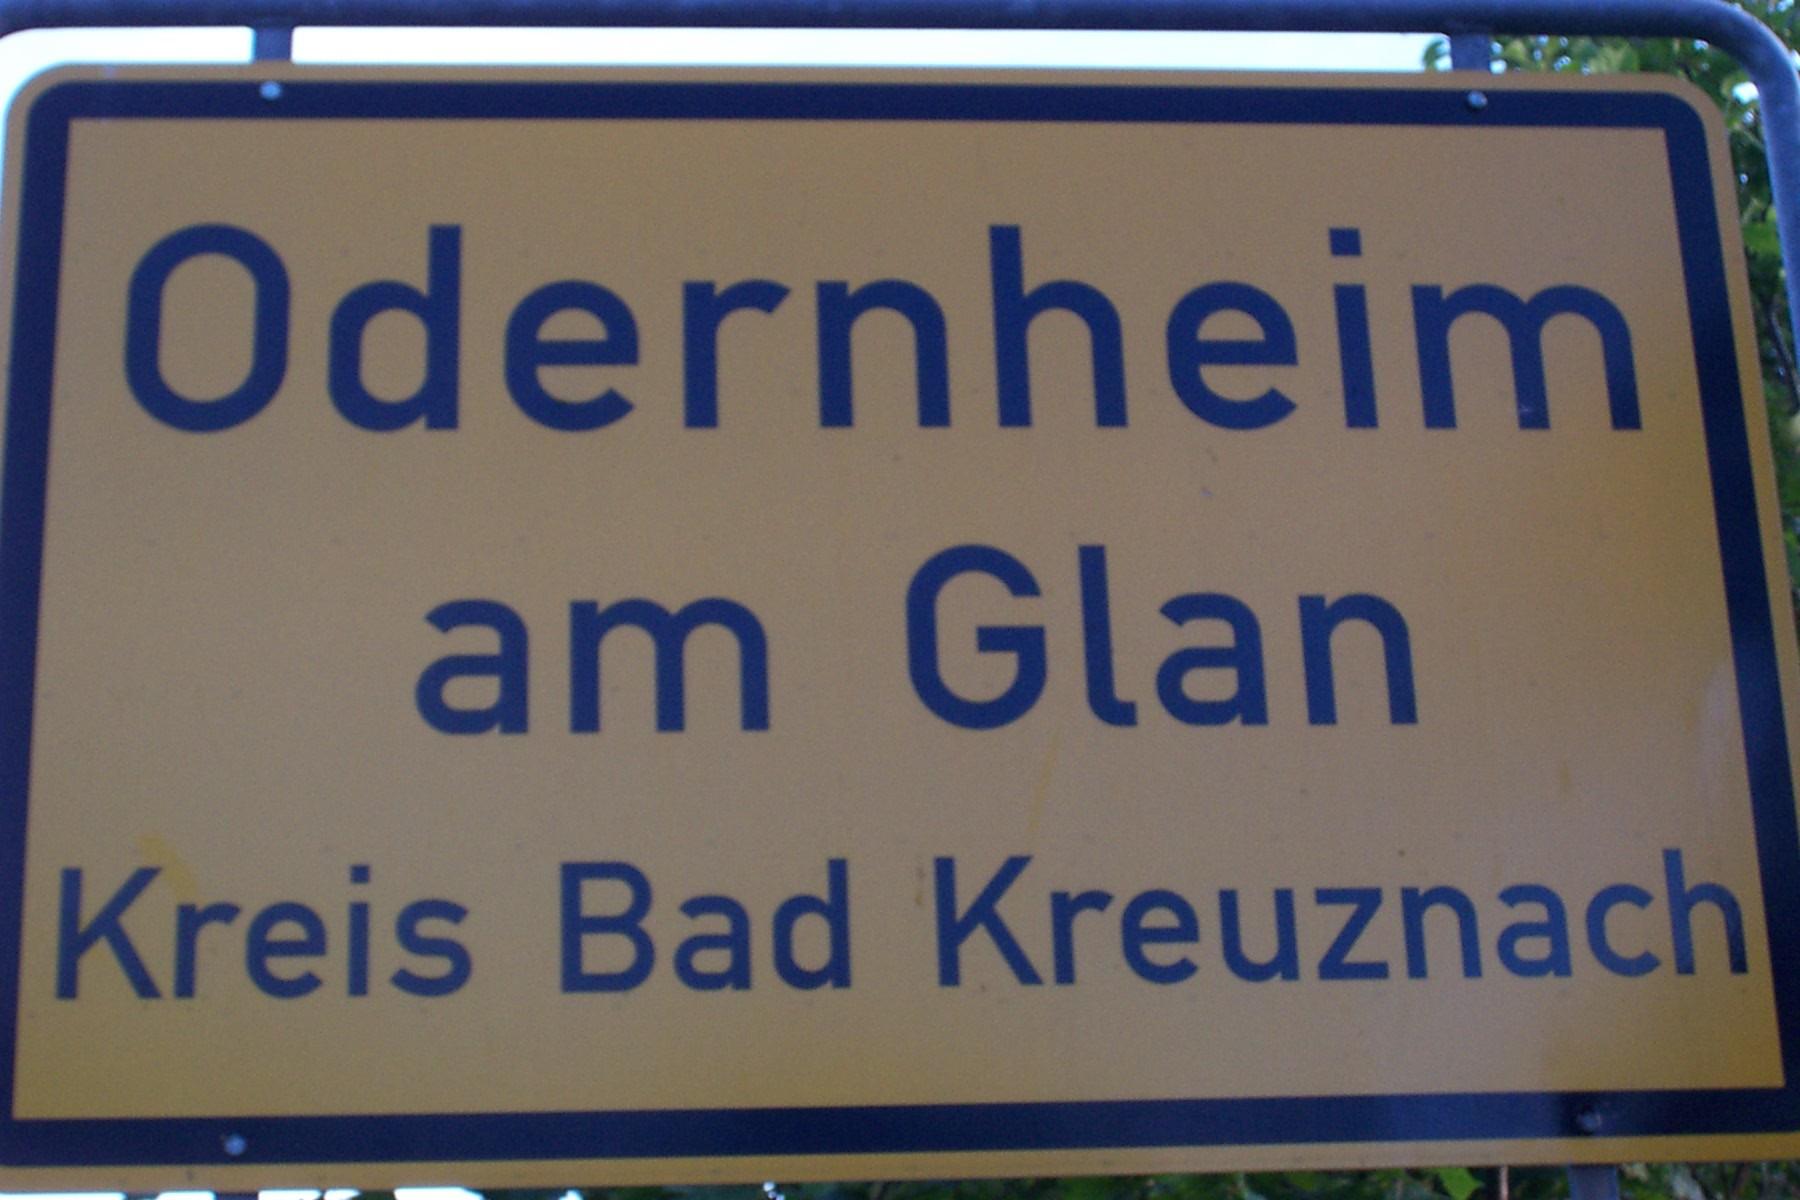 Willkommen in Odernheim am Glan